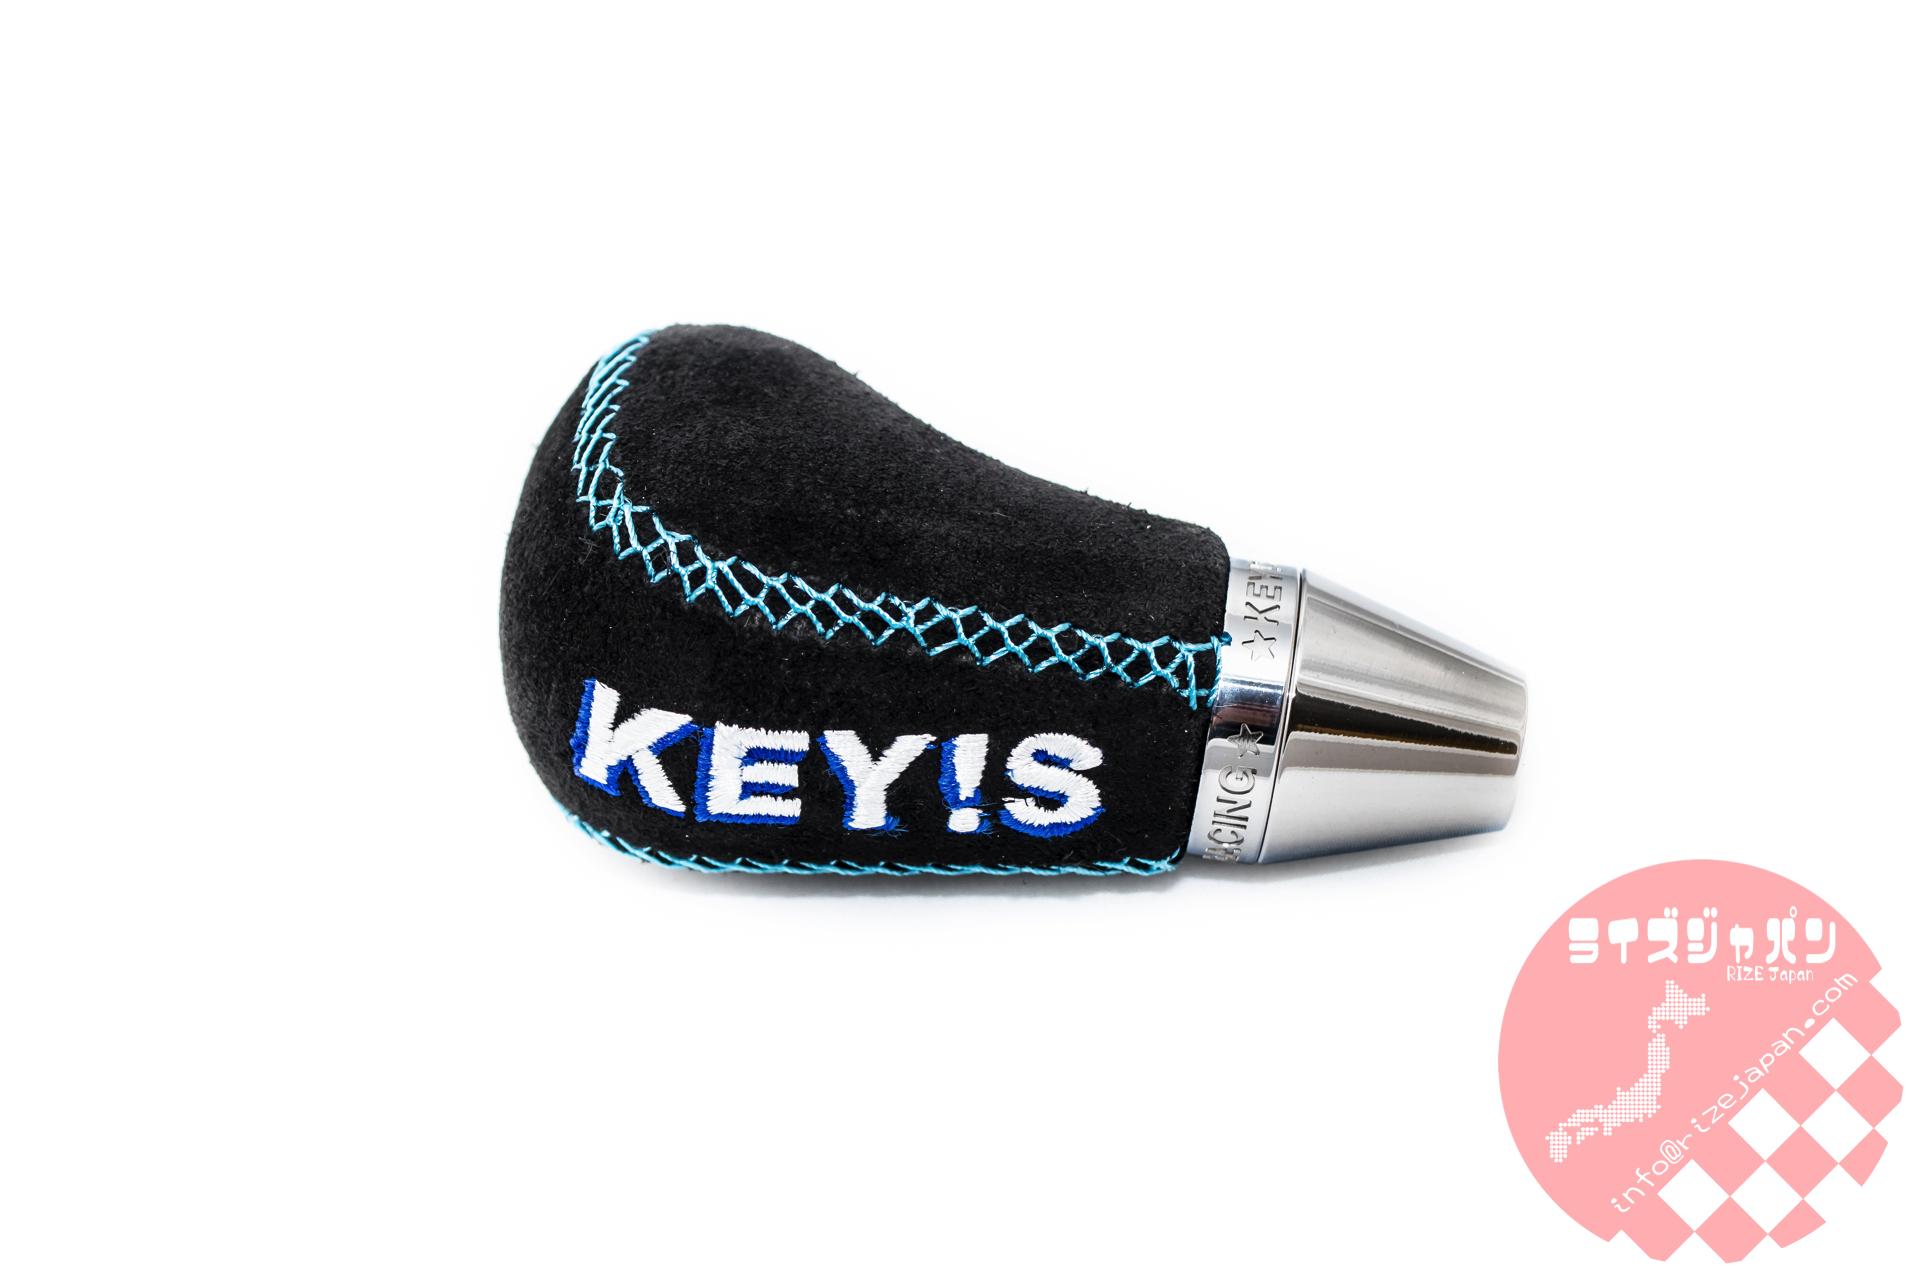 キーズレーシング シフトノブ スエード / Key's racing Shift knob SUEDE